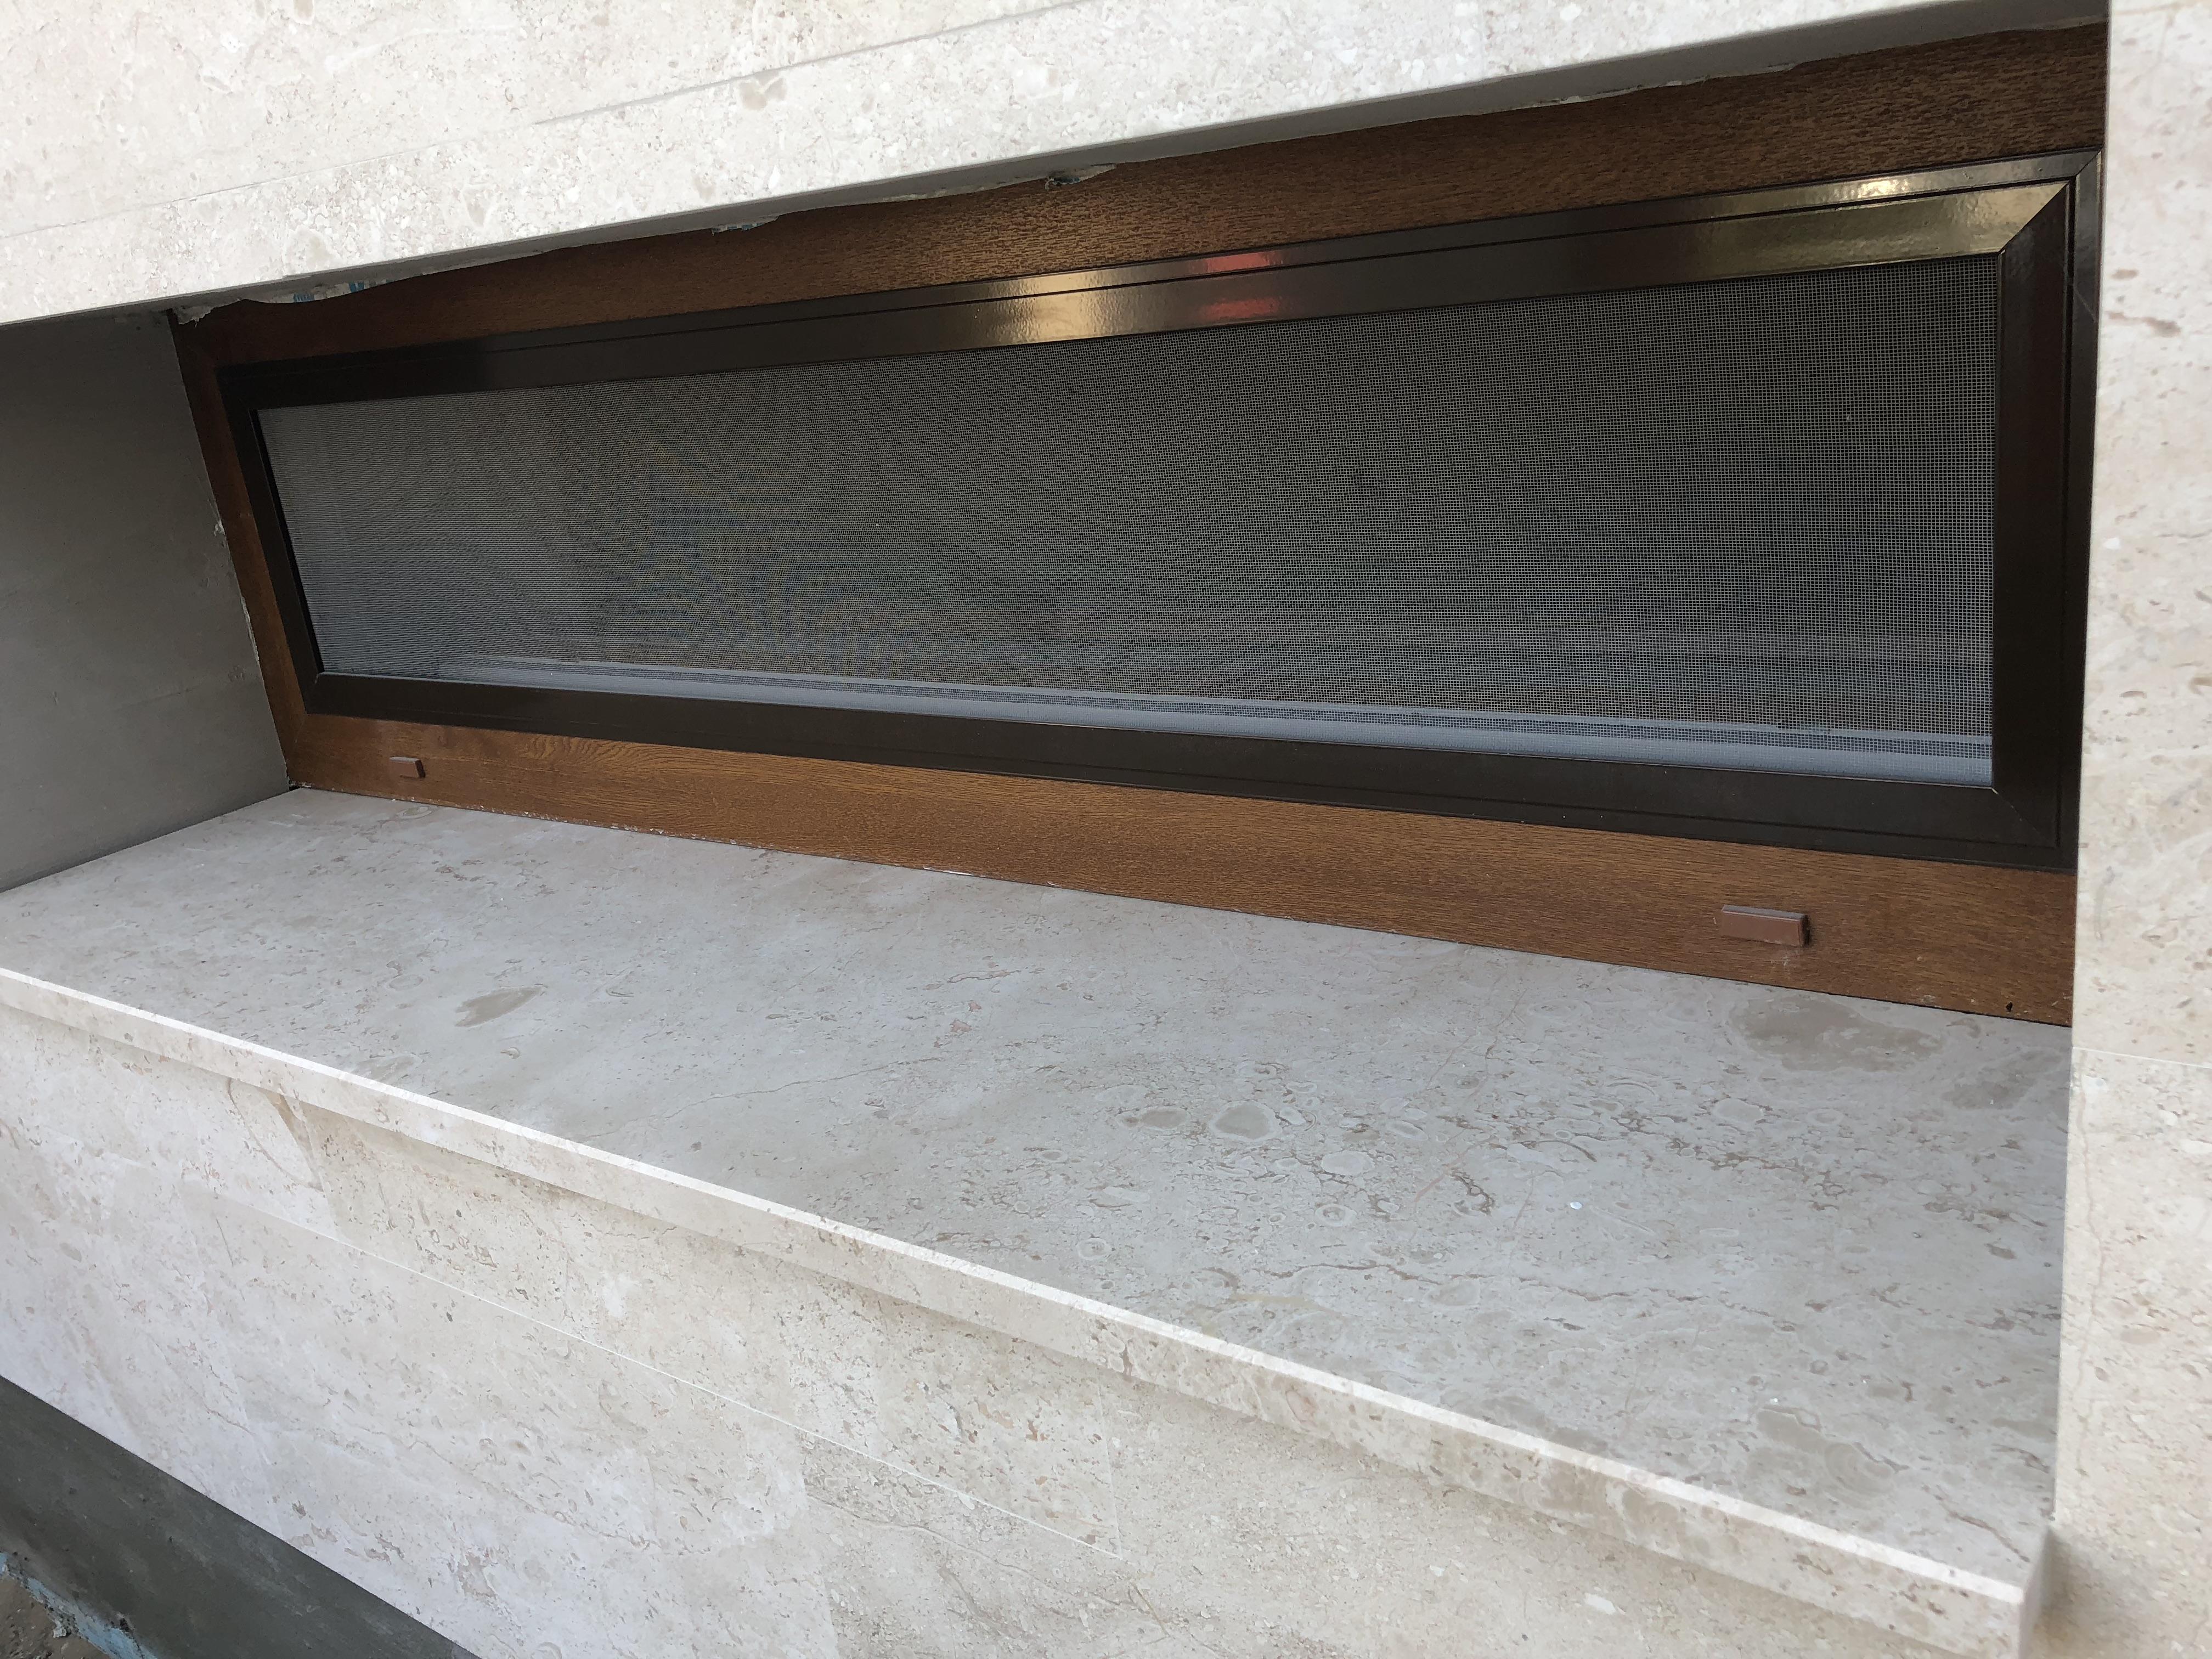 Breccia Sarda Mészkő ablakpárkány x3cm vastagság, fényes felülettel, teljes megmunkálással, vízorral ellátva